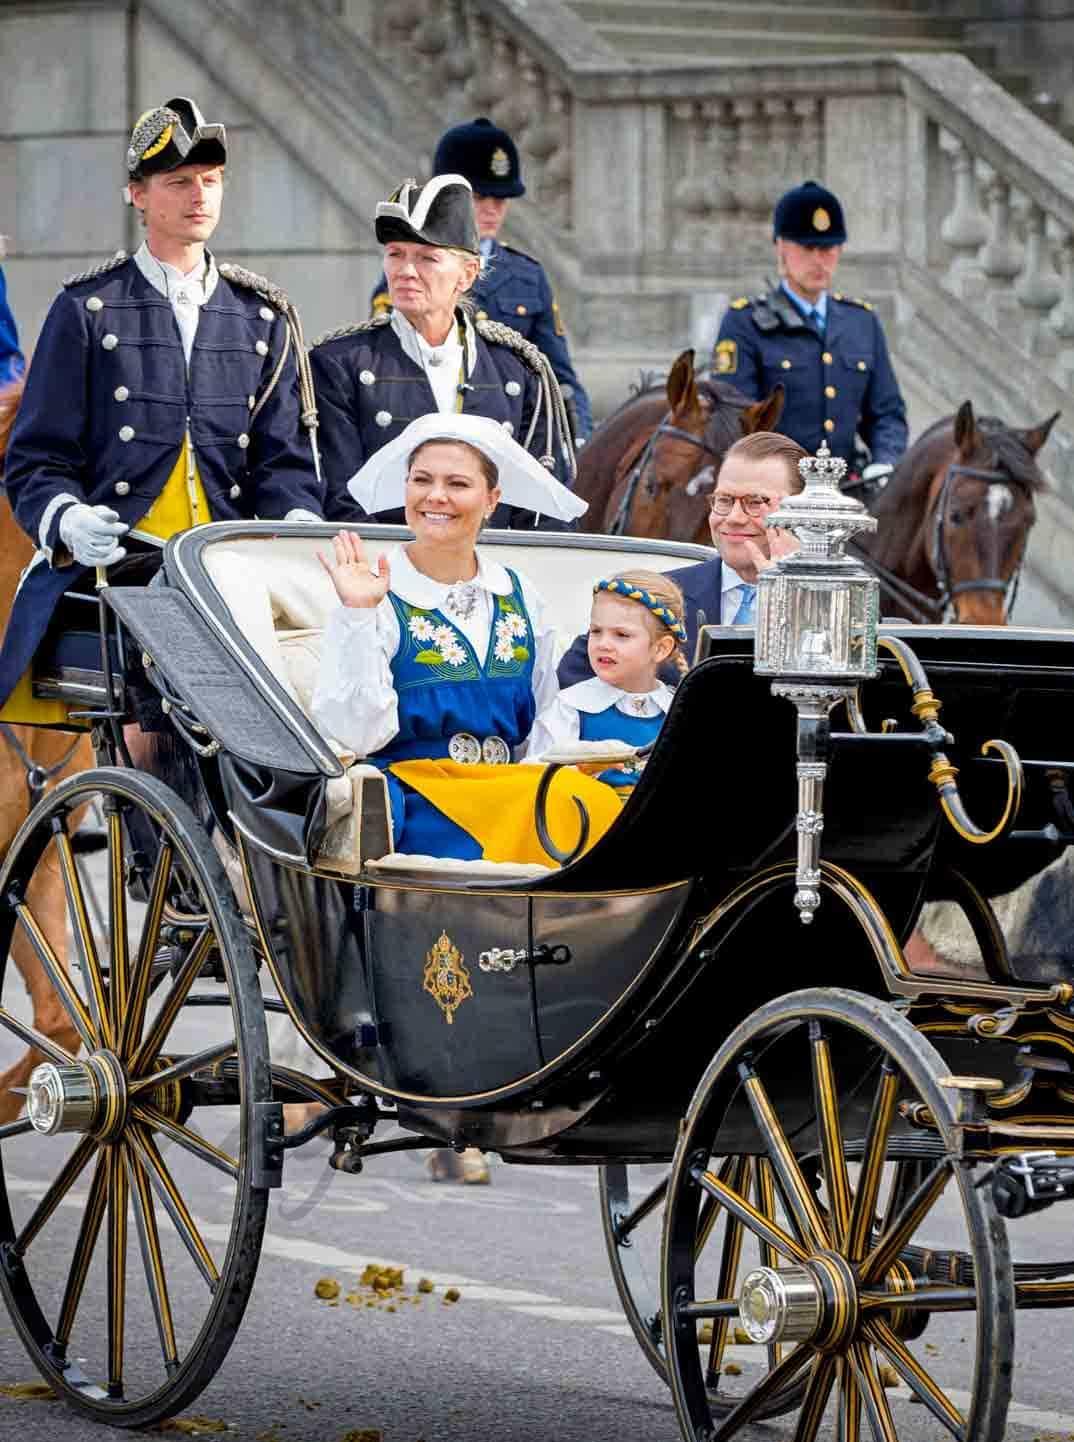 principes-daniel-y-victoria-de-suecia-con-su-hija en el dia de suecia